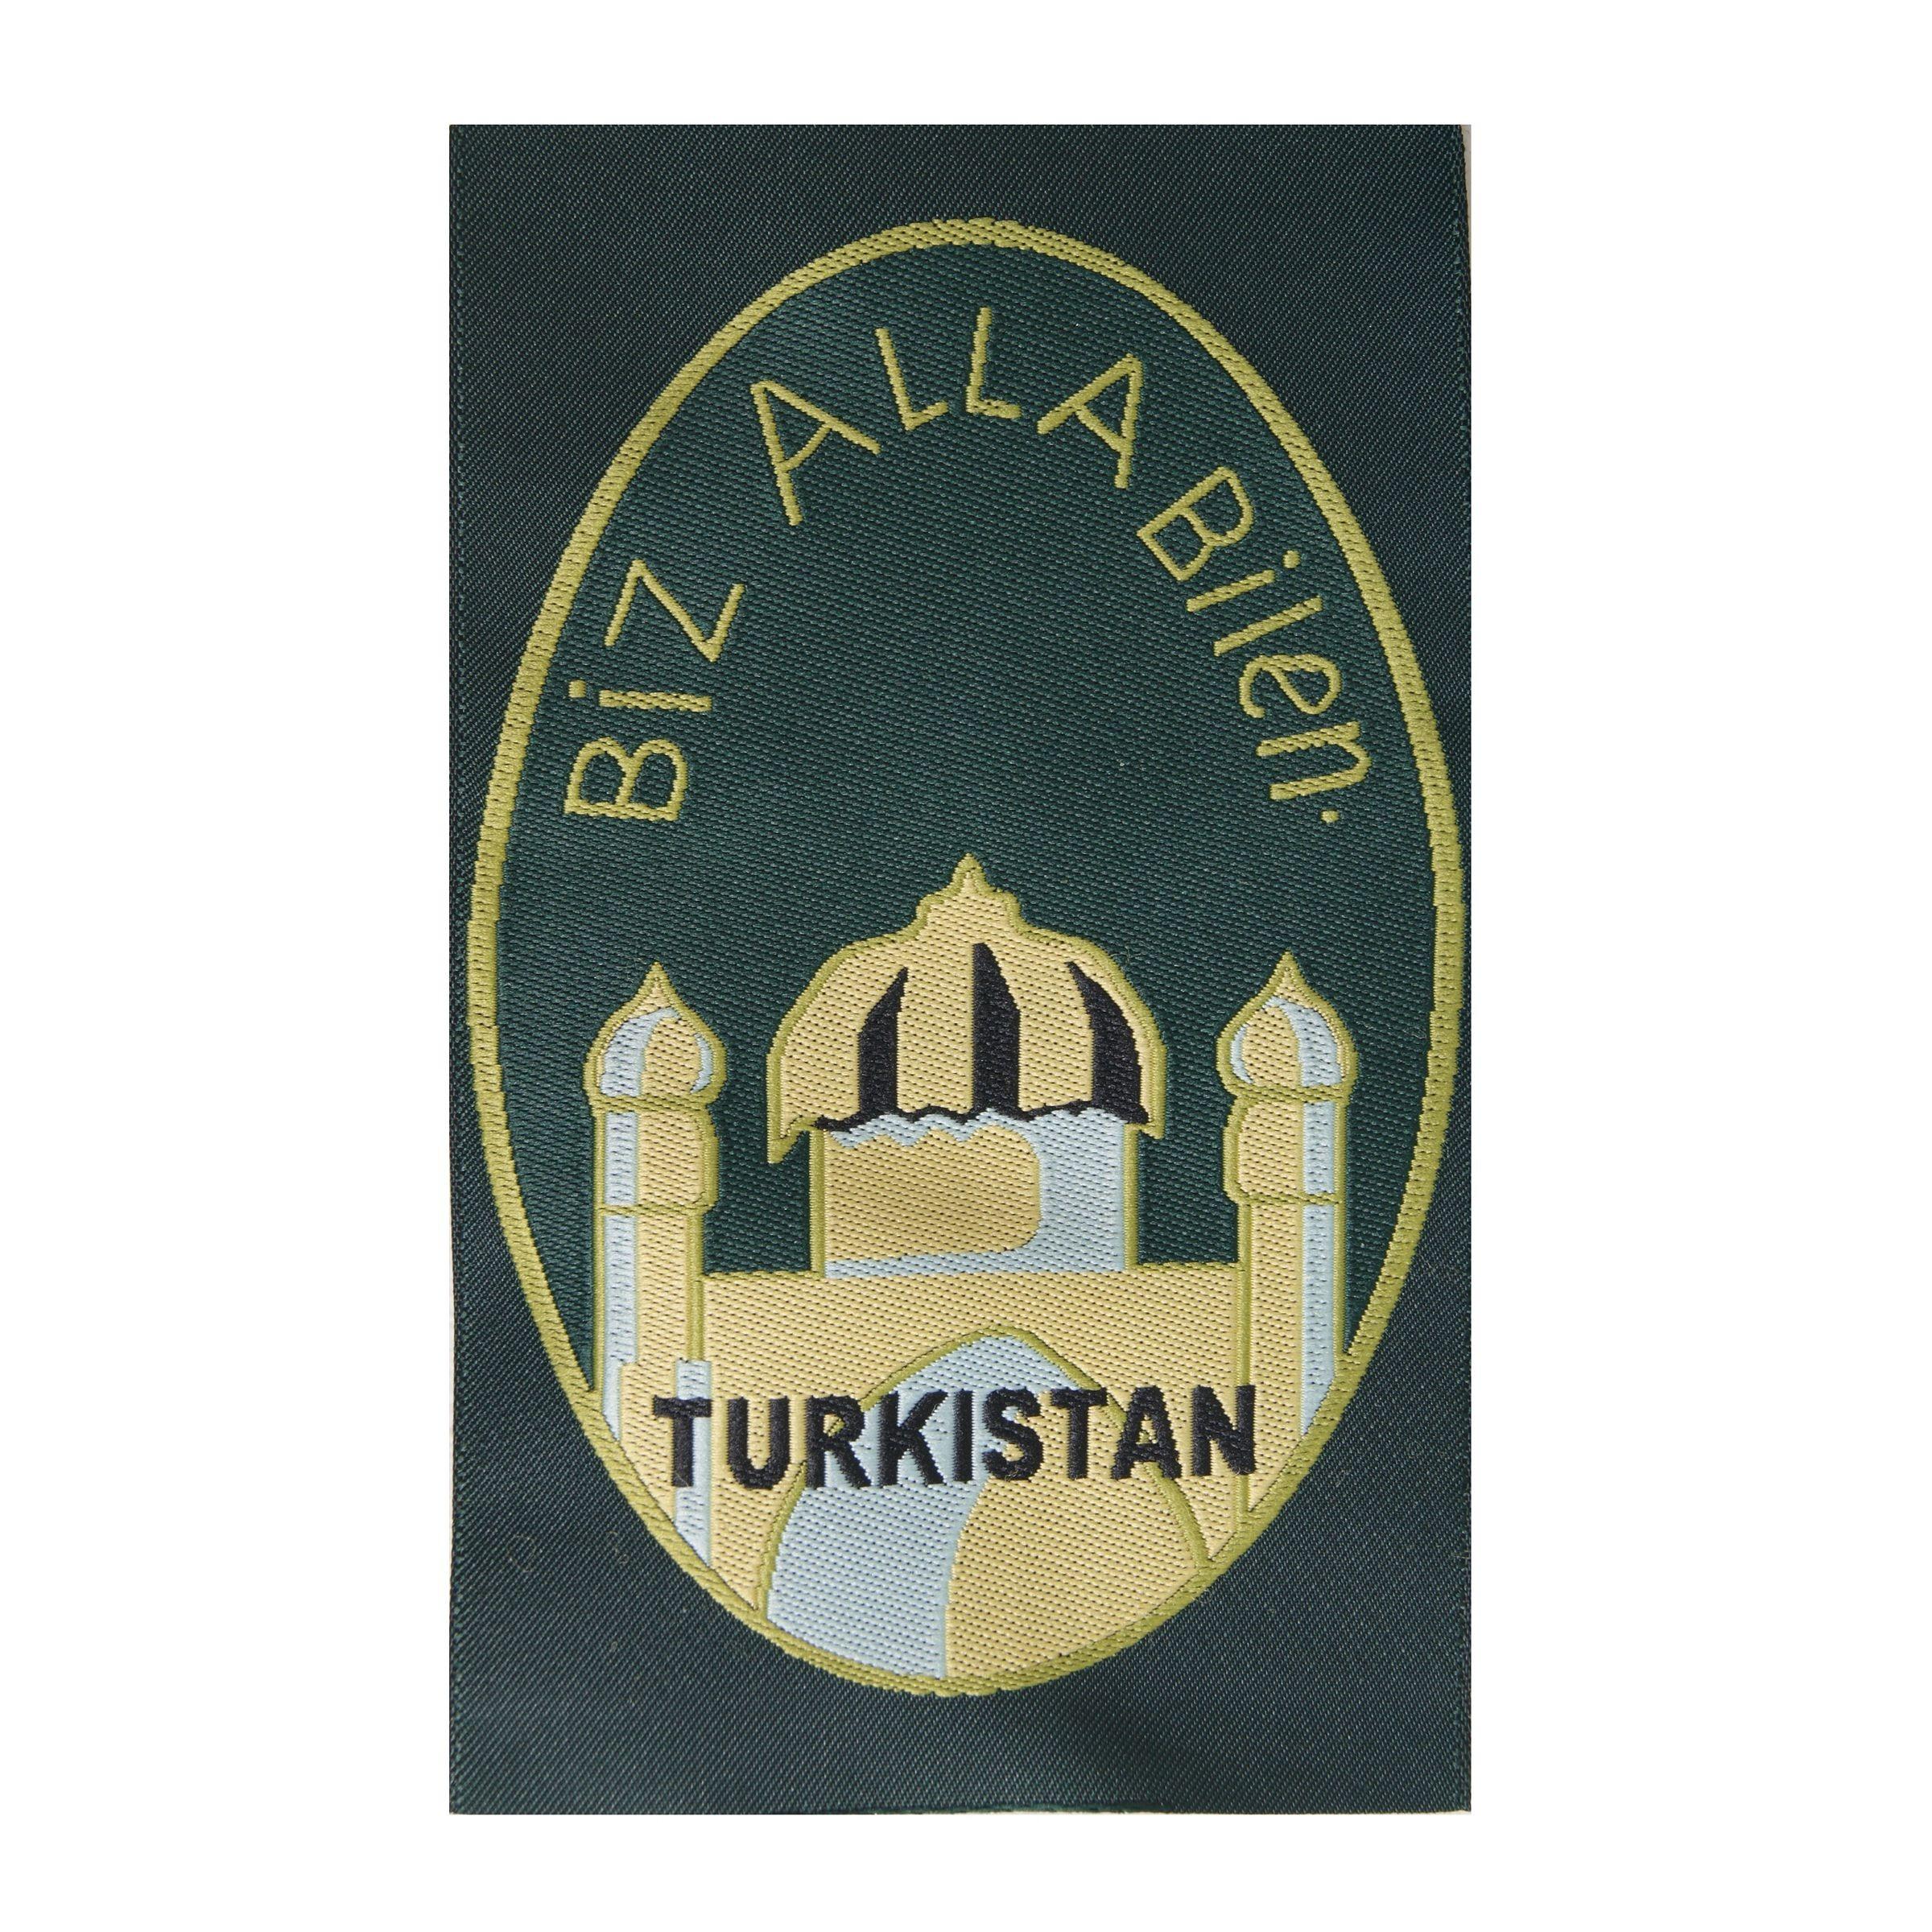 Turkistan - Biz Alla Bilen patch - BeVo - repro